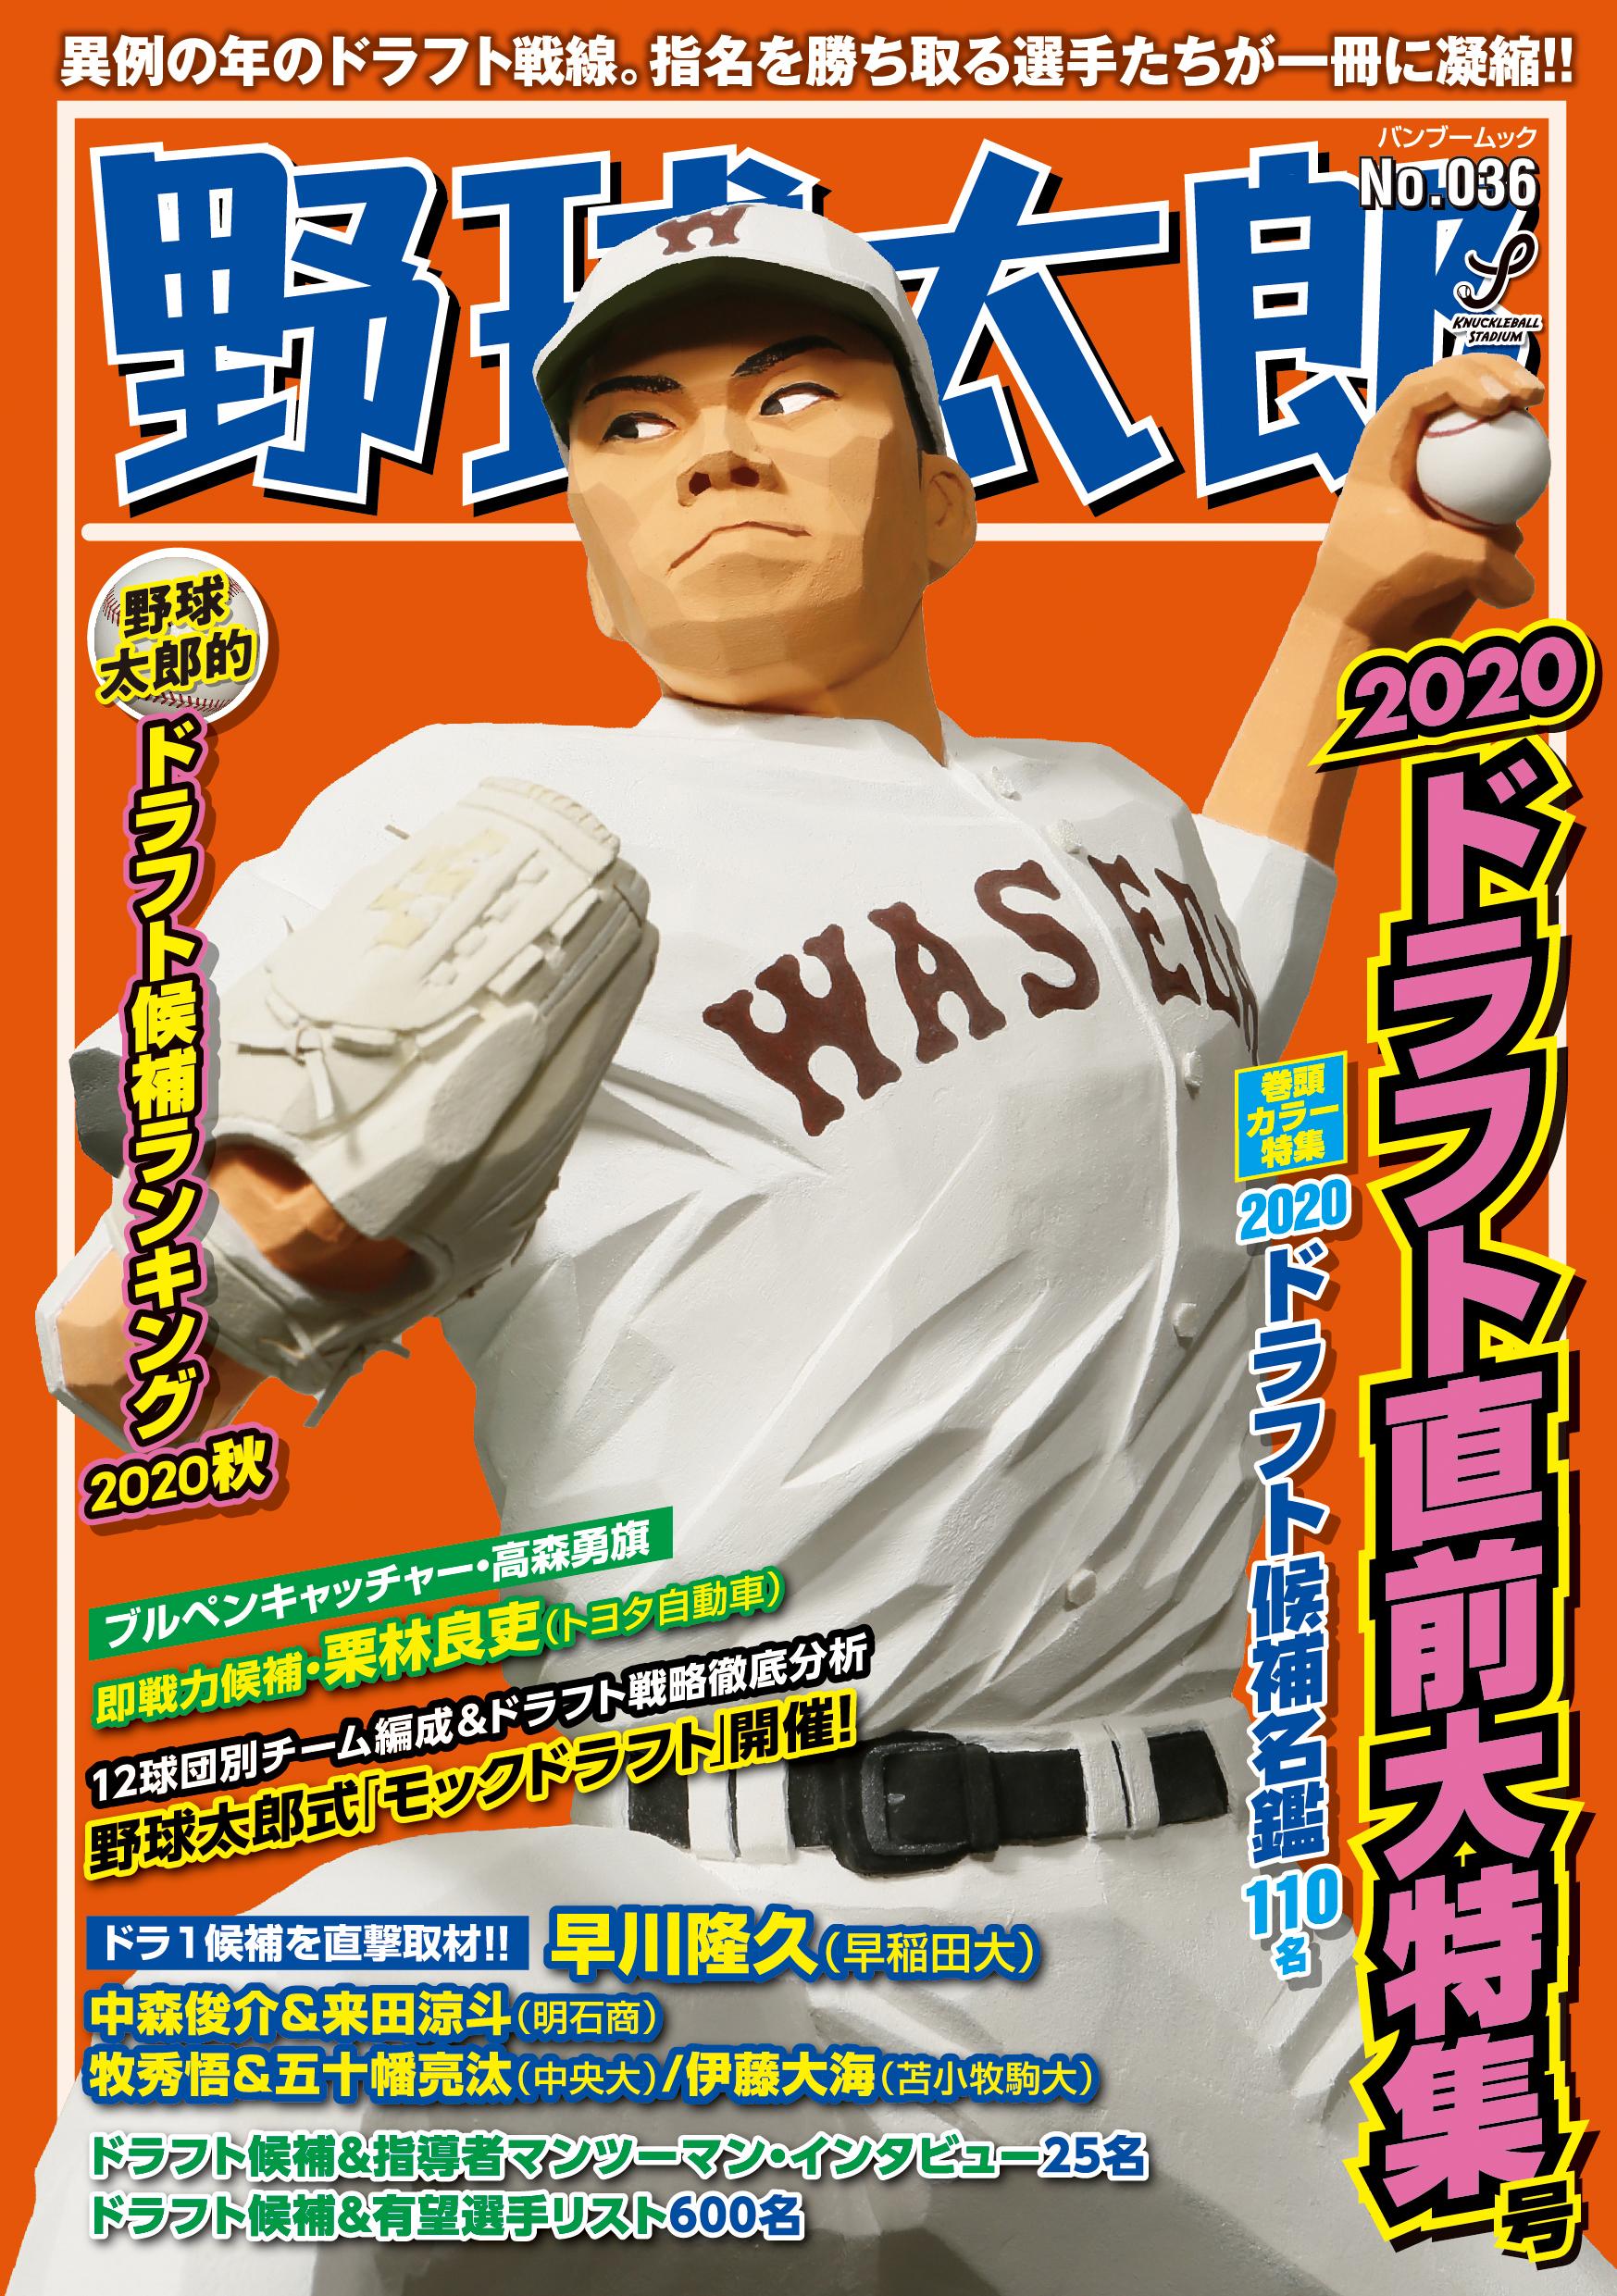 モックドラフトが話題の『野球太郎No.036 2020ドラフト直前大特集号』絶賛発売中!